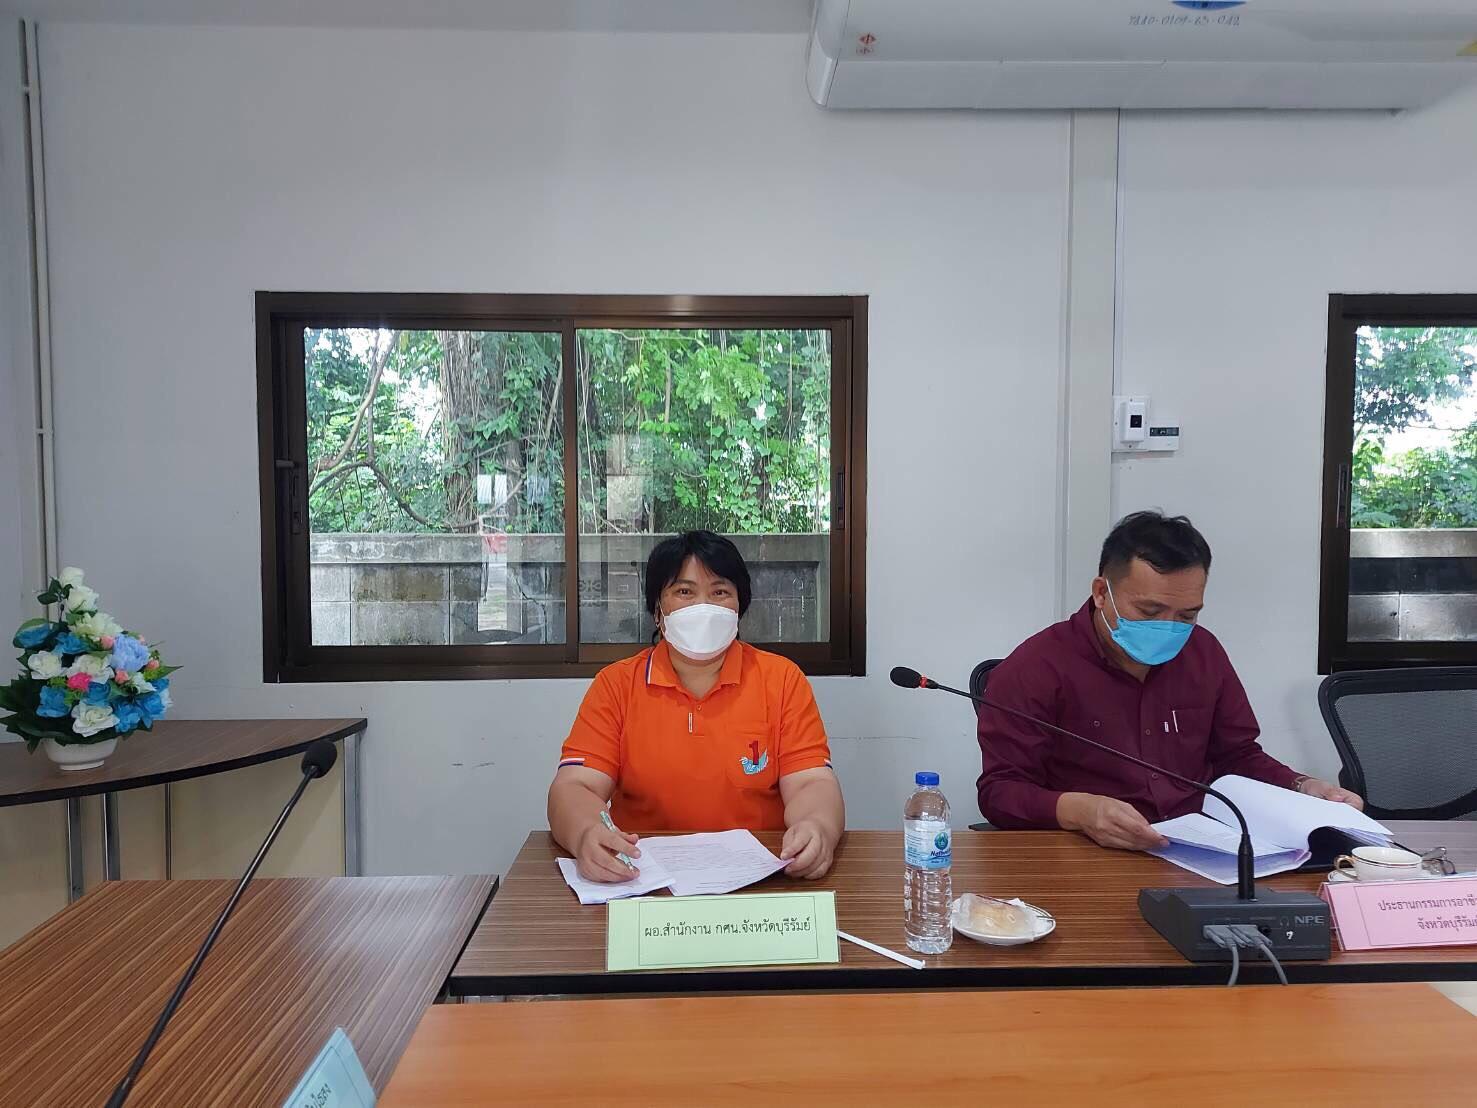 การประชุมเตรียมความพร้อมการบริหารจัดการวัคซีนสำหรับนักเรียน/นักศึกษาจังหวัดบุรีรัมย์